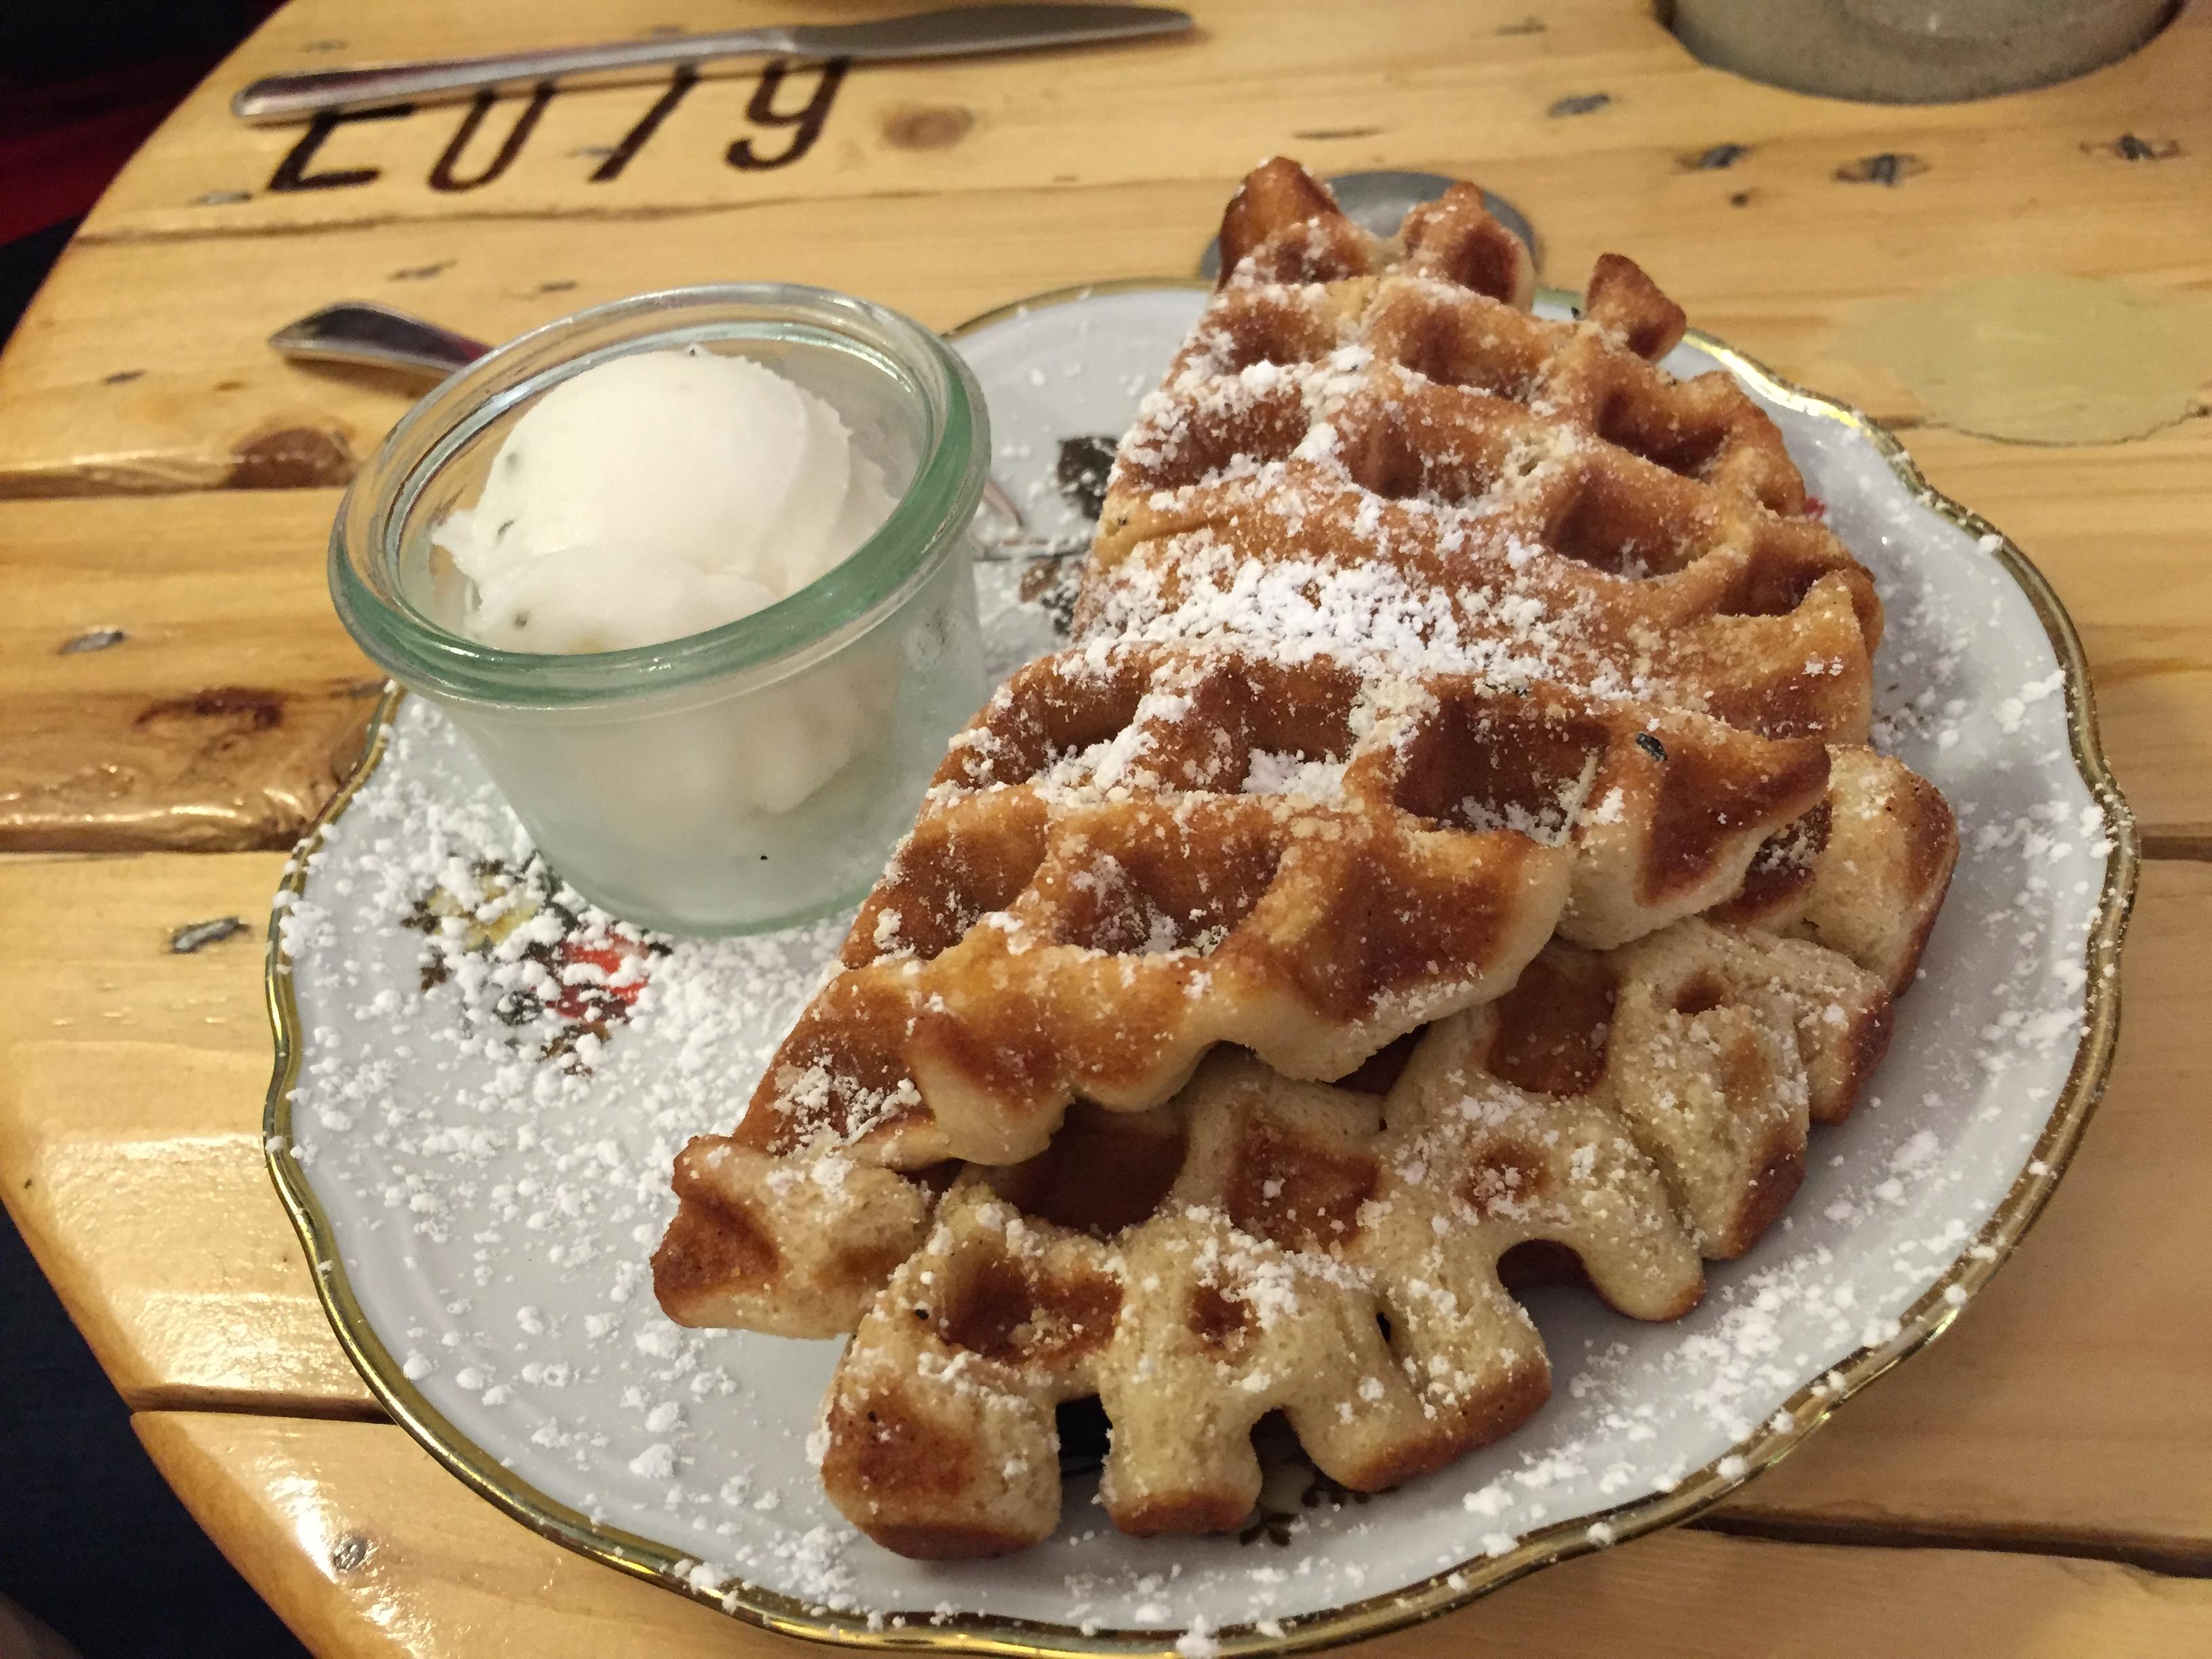 Essen gehen in Köln? Das sind unsere 10 Schlemmertipps für ein langes Wochenende: Süße und herzhafte Waffeln und leckeres ausgefallenes Eis in der Eisdielerin in Ehrenfeld.